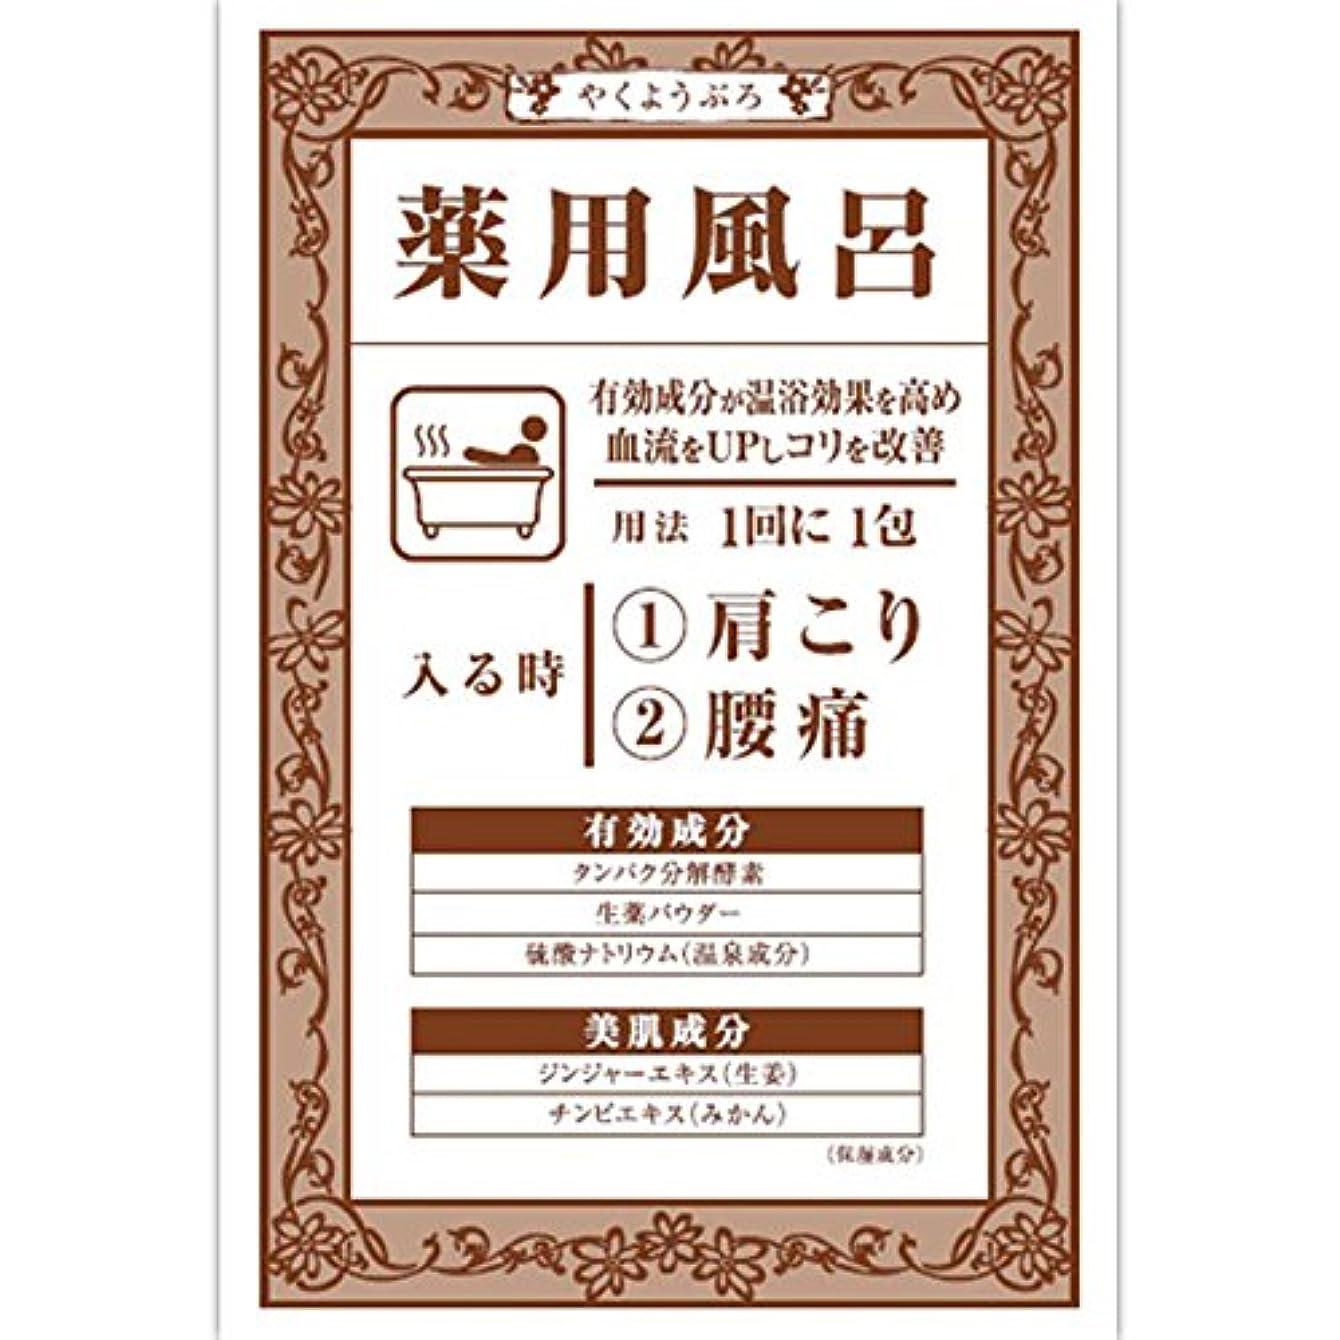 君主衣服軽大山 薬用風呂KKa(肩こり?腰痛) 40G(医薬部外品)